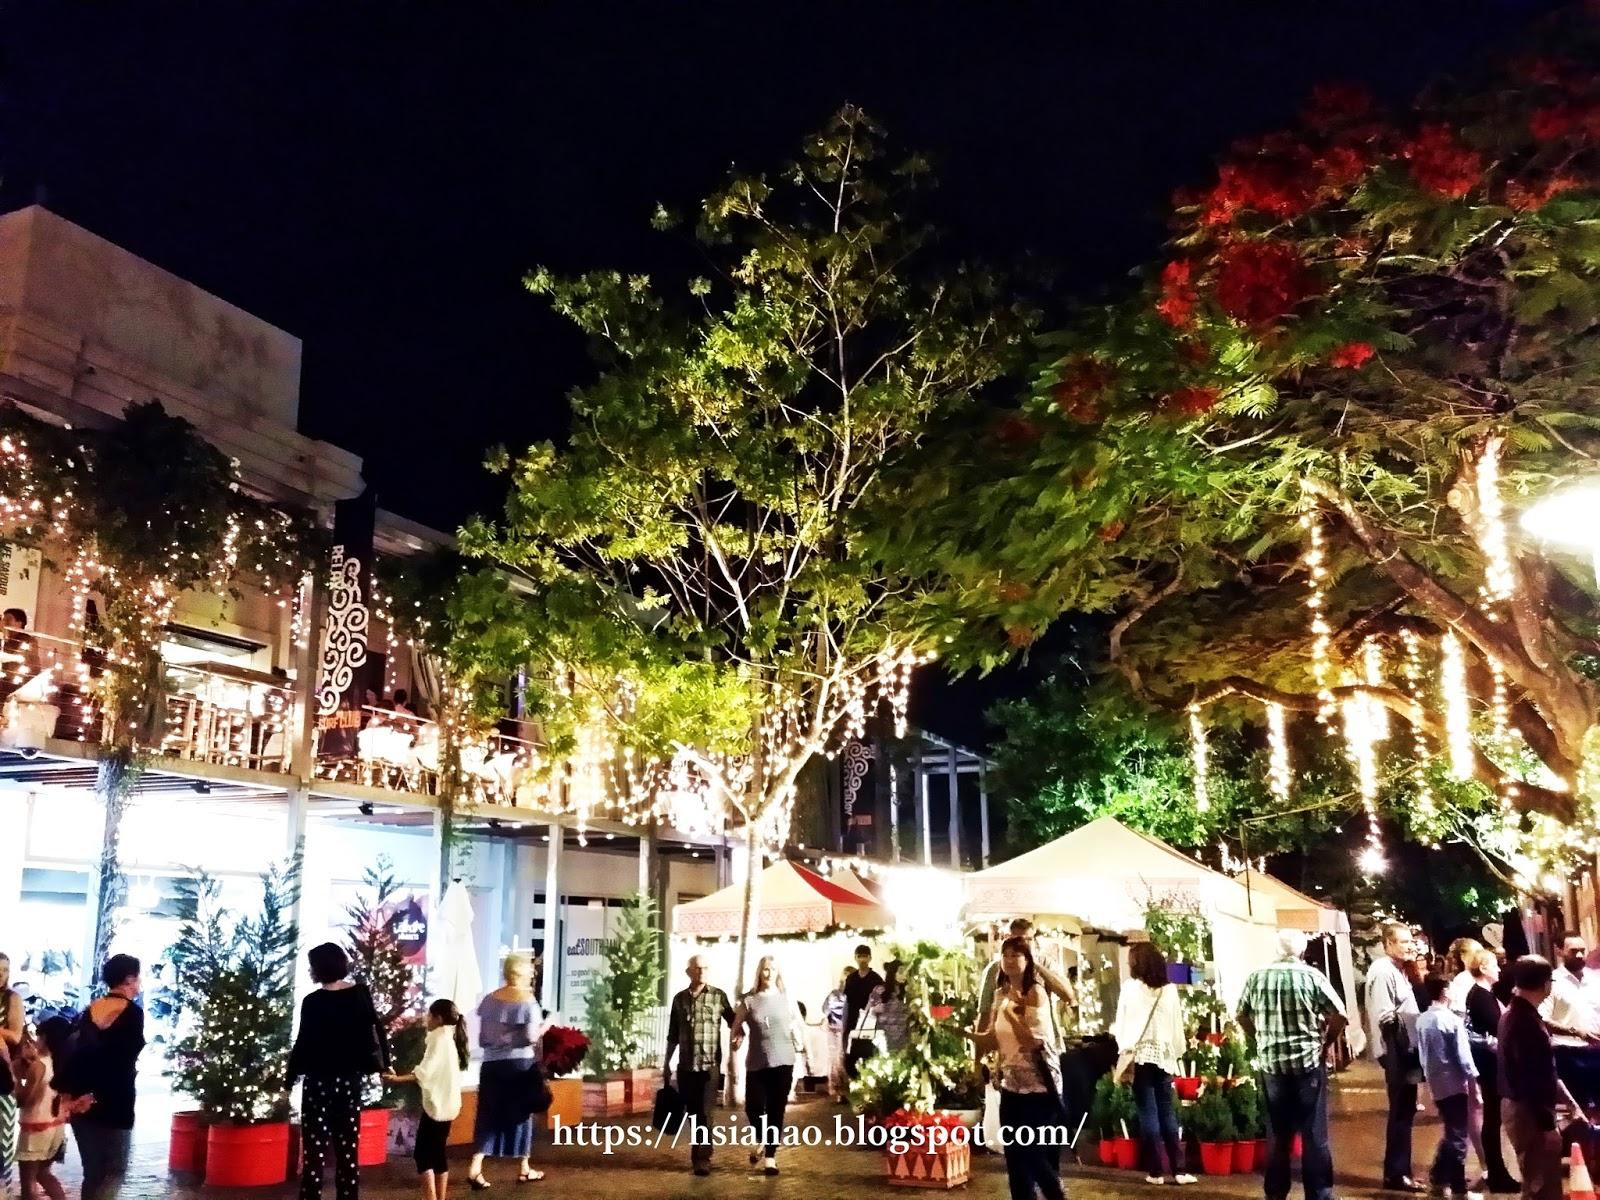 布里斯本-聖誕-跨年-活動-市集-推薦-玩法-好玩-遊記-Brisbane-Christmas-New Year